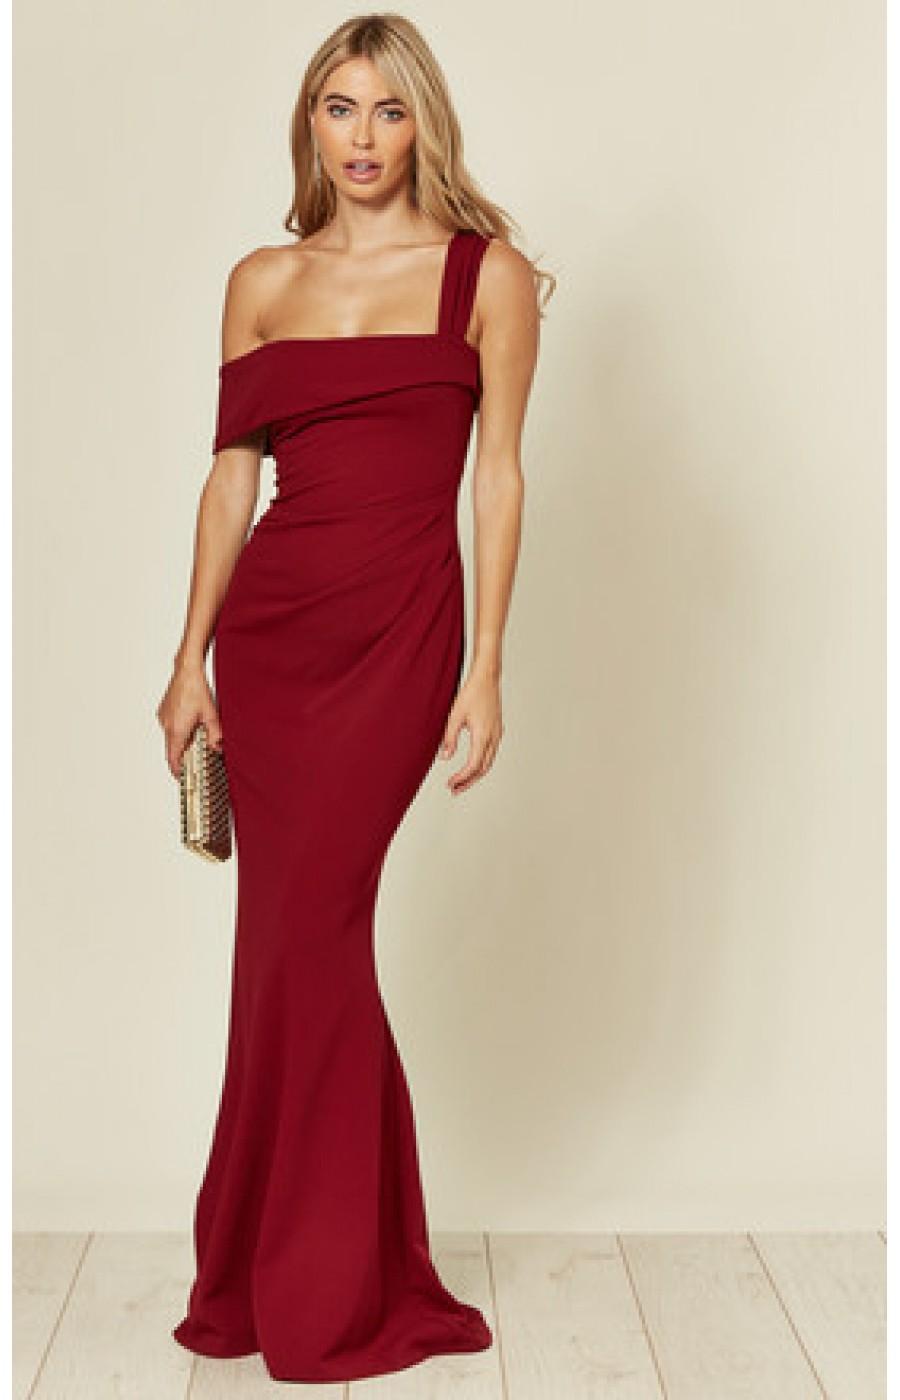 Κρέπ μακρύ επίσημο φόρεμα στο χρώμα του κρασιού